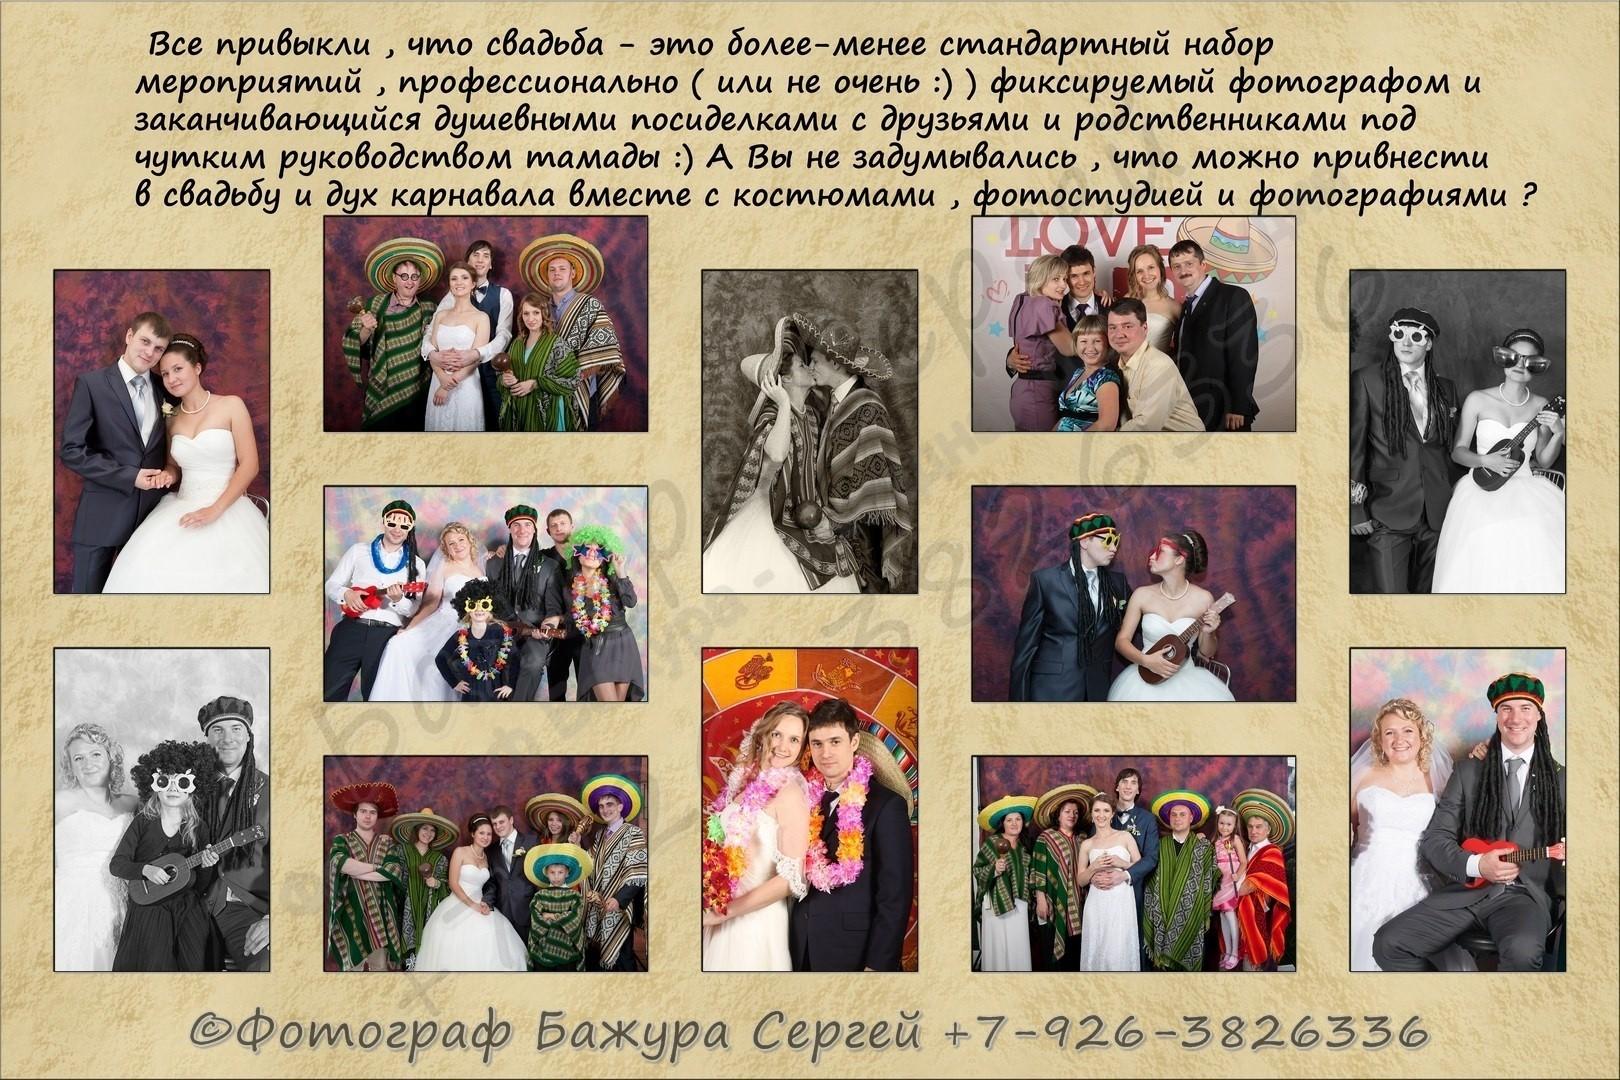 Свадьба карнавал